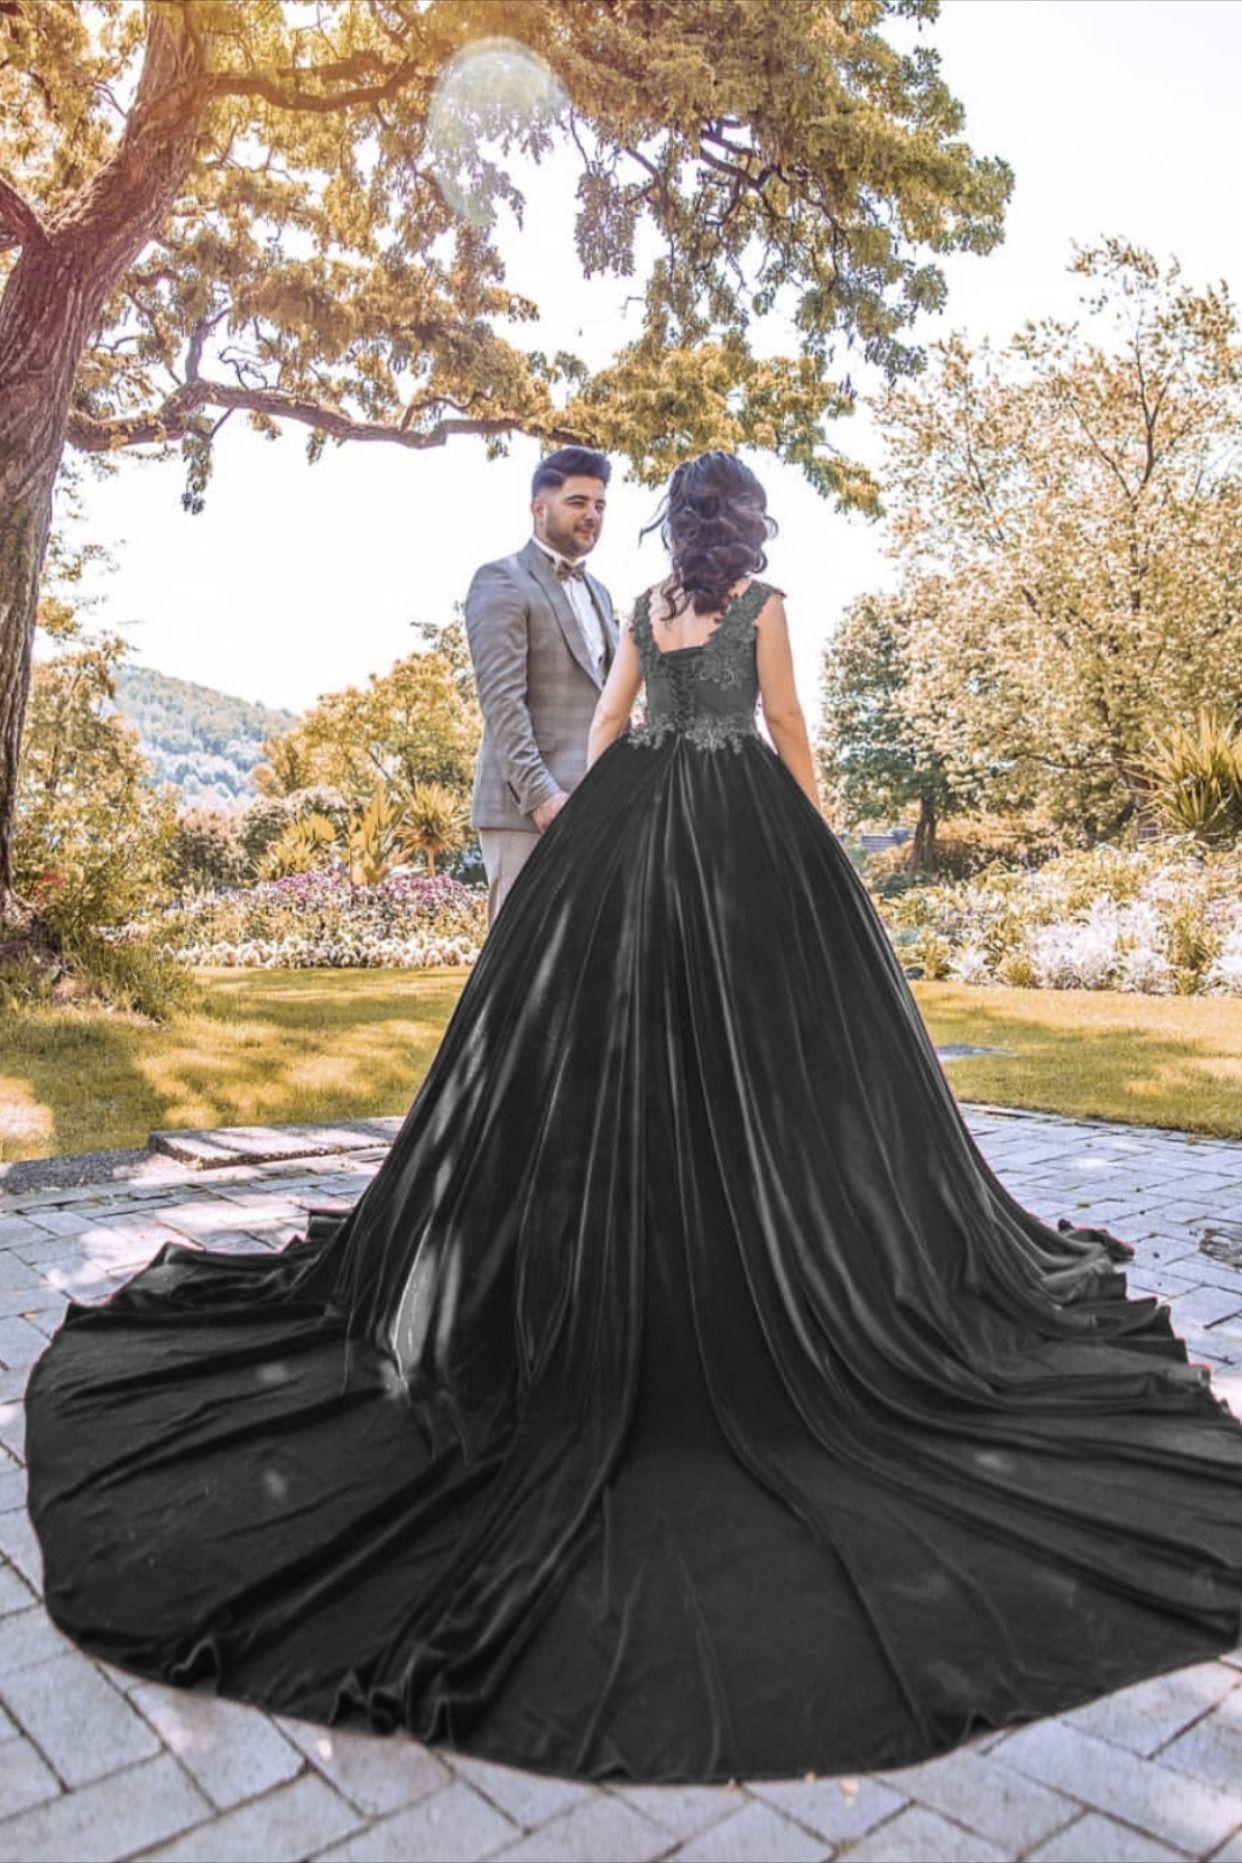 Rust Wedding Dress Velvet Ball Gown Appliques Ball Gowns Black Wedding Dresses Colored Wedding Dresses [ 1863 x 1242 Pixel ]